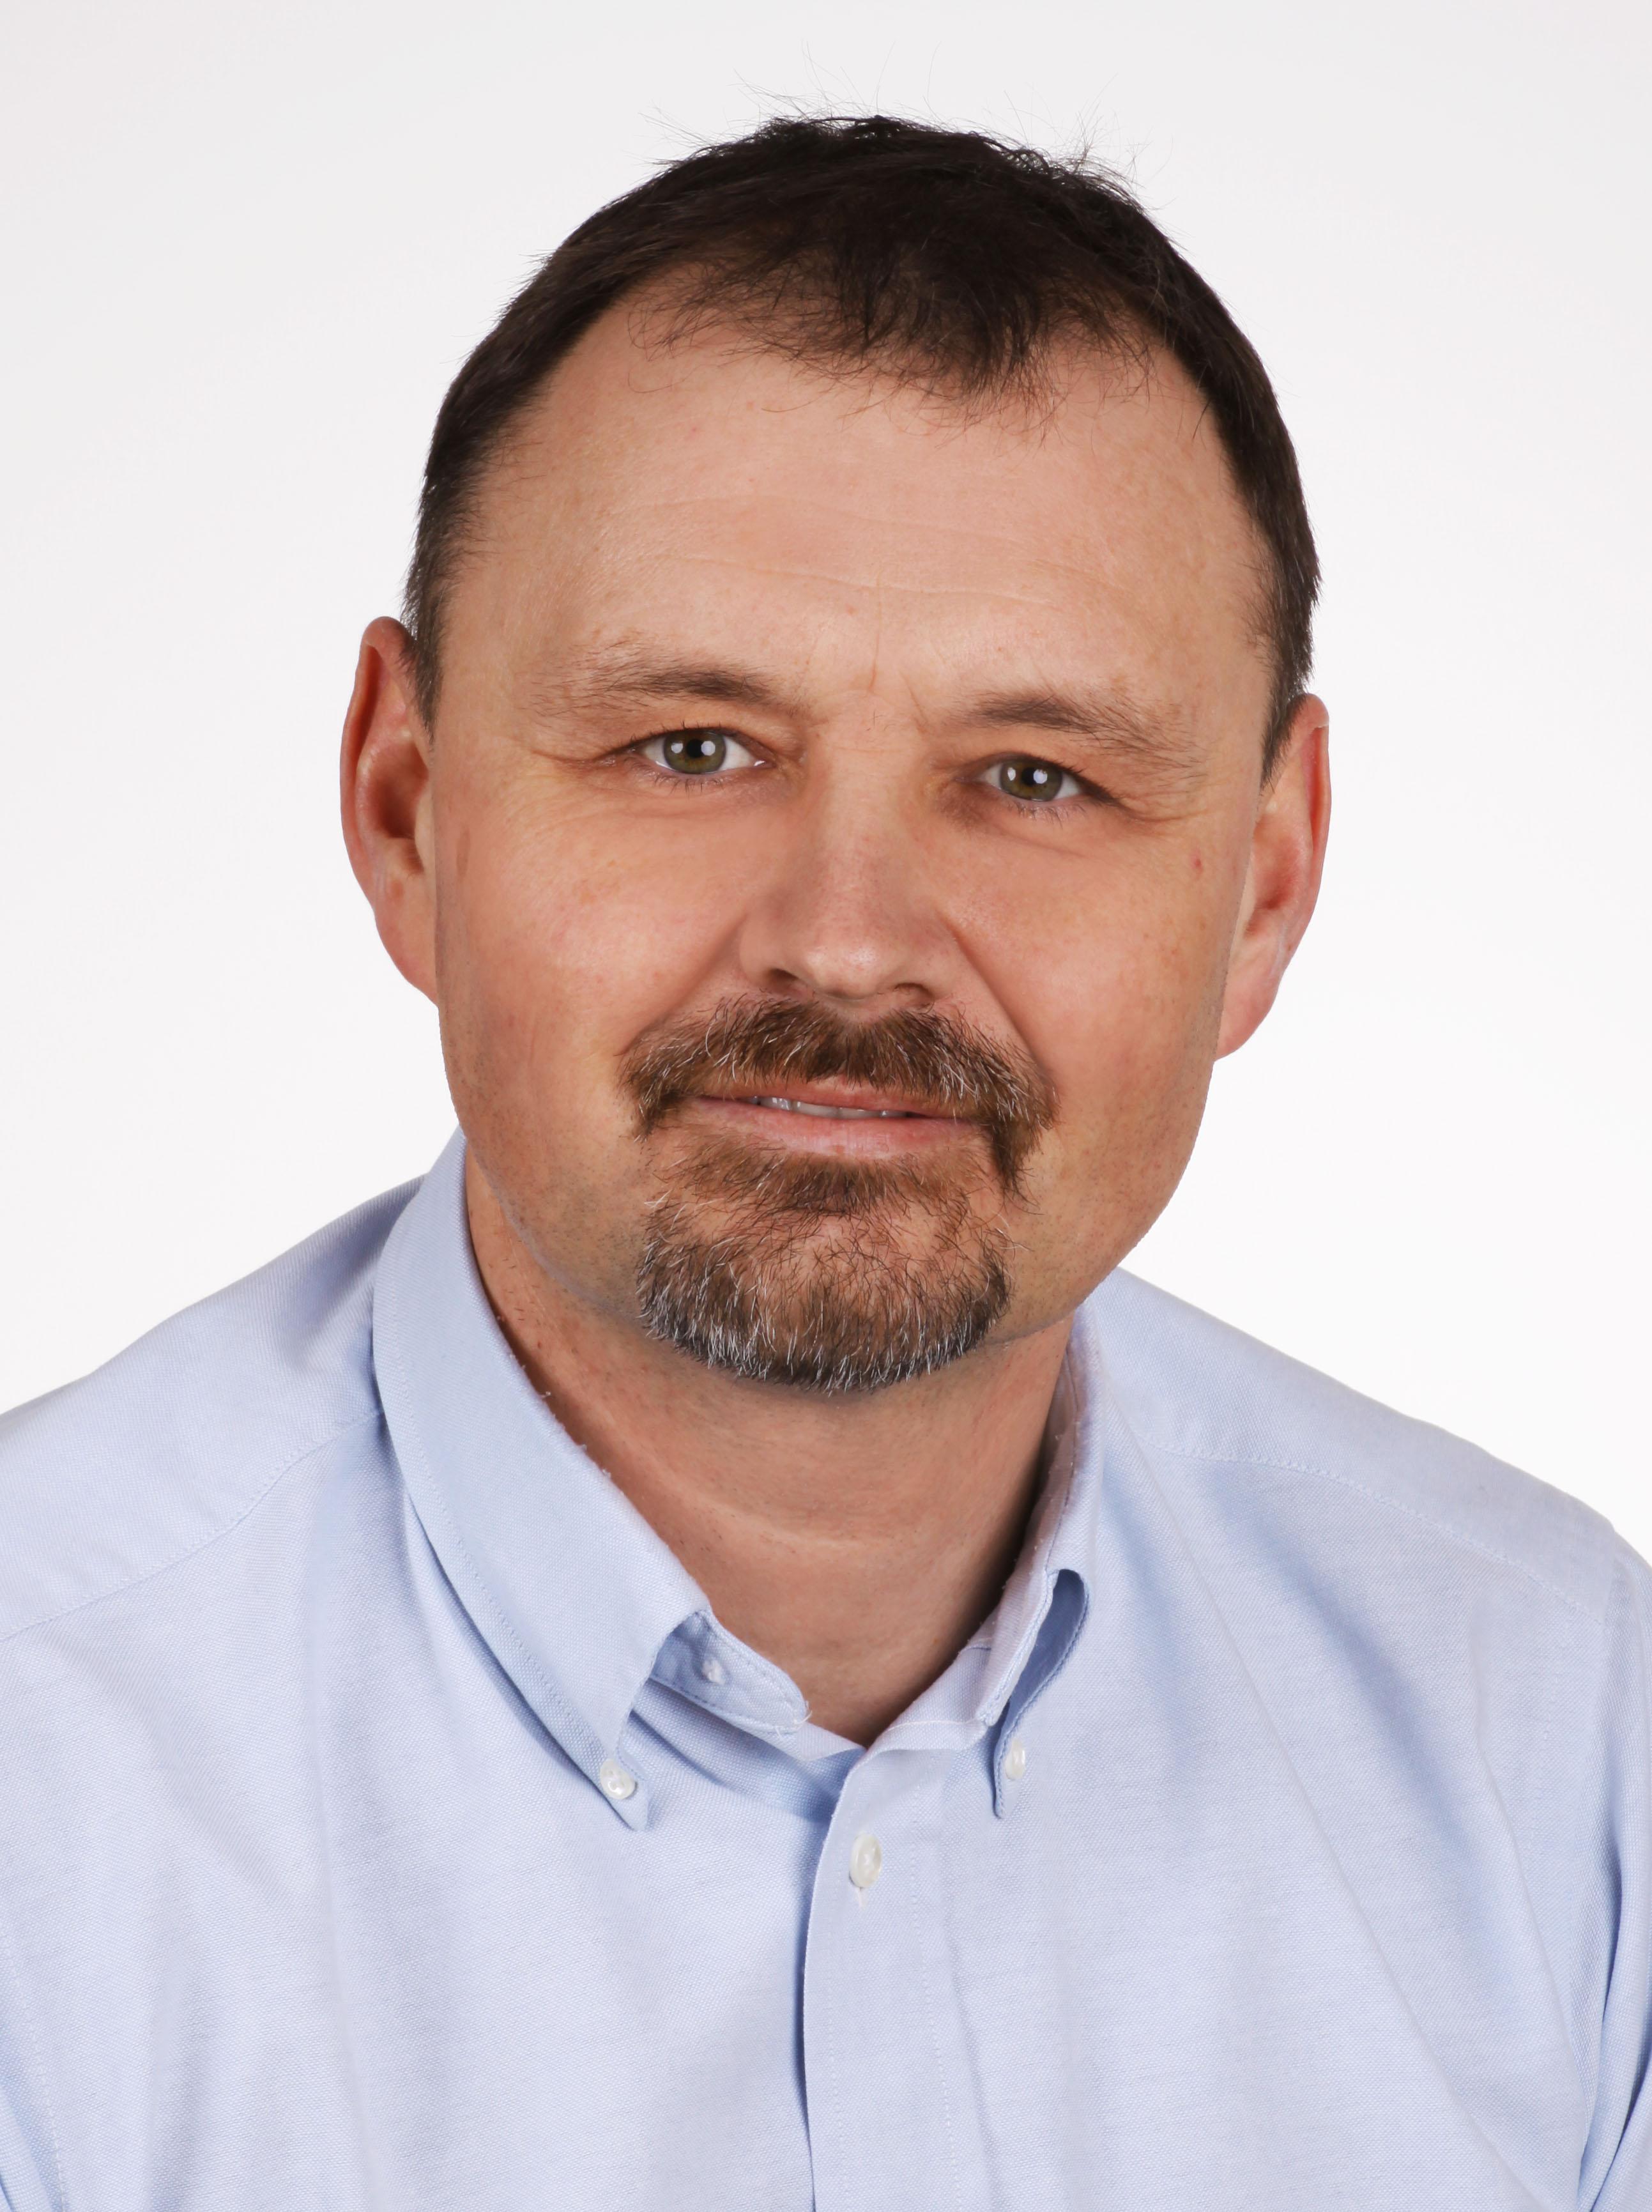 Krzysztof Pomorski